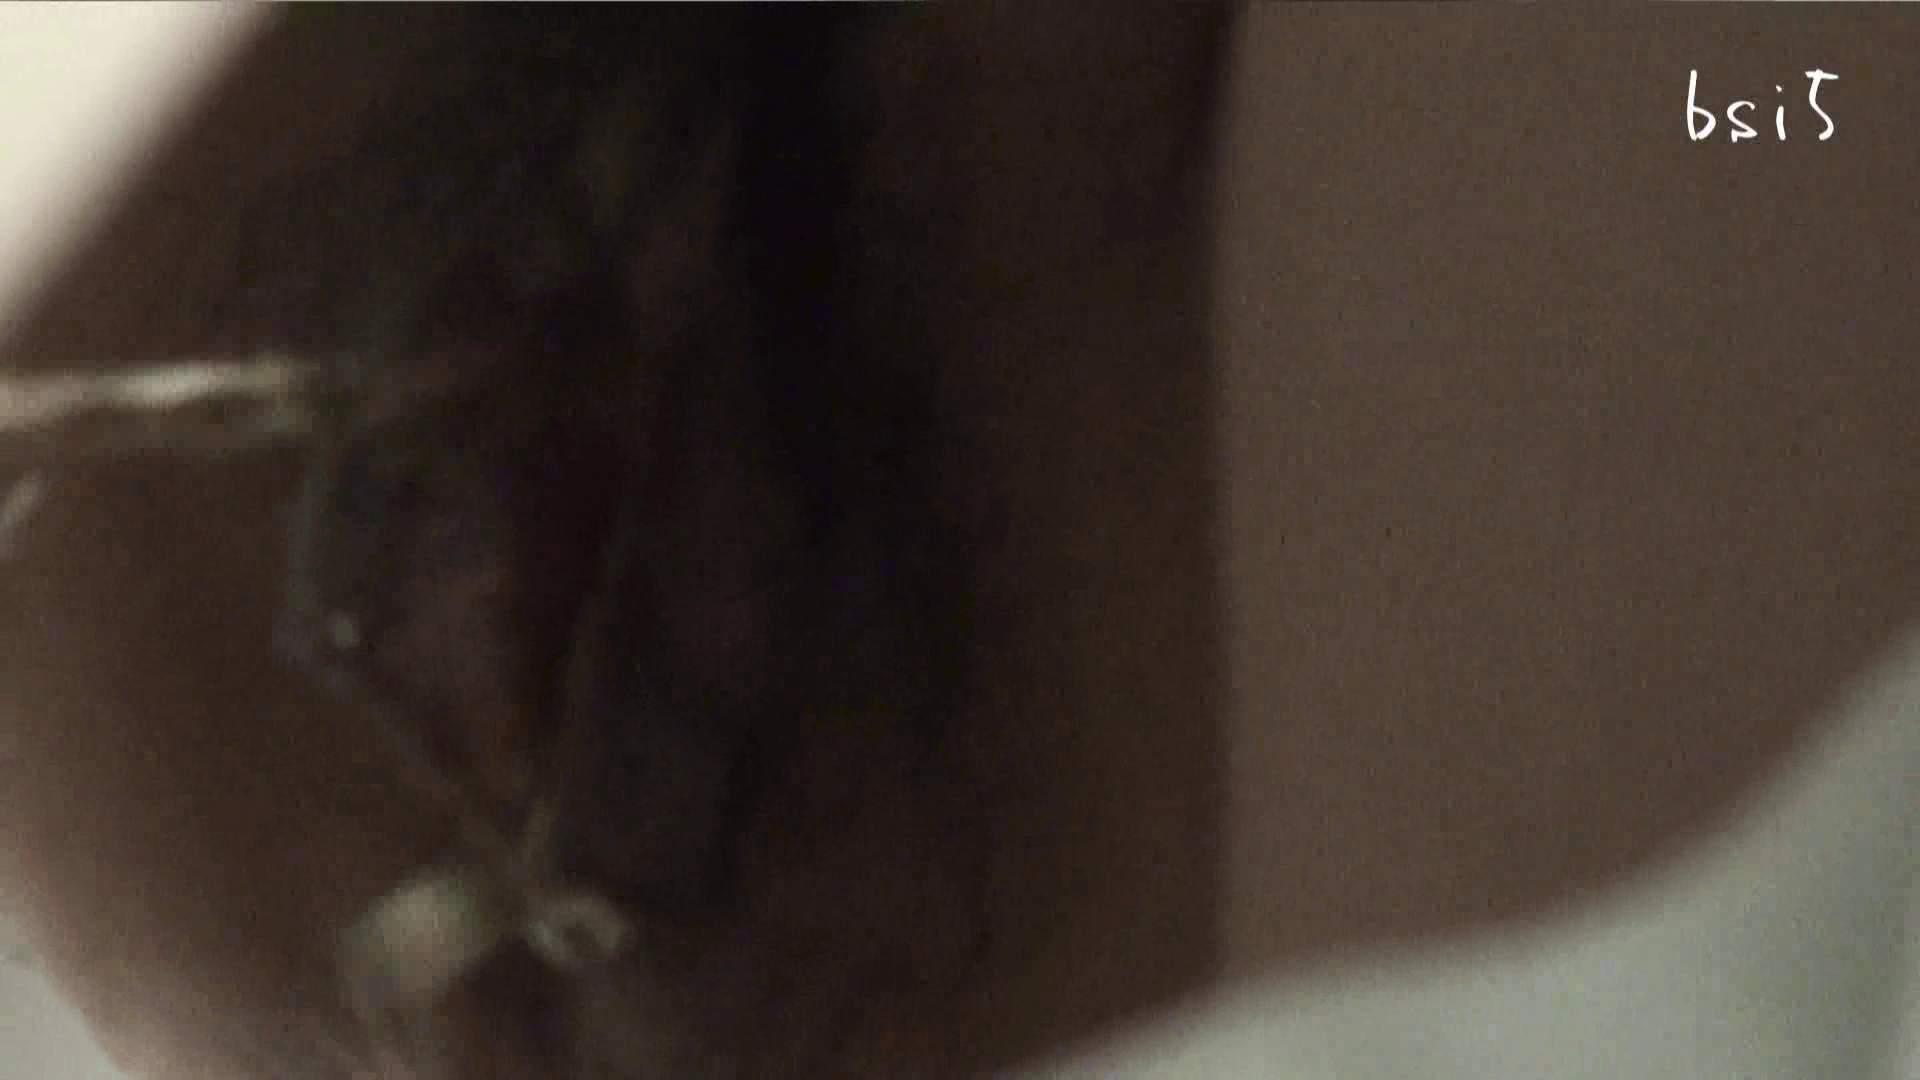 ナースのお小水 vol.005 下半身 オメコ動画キャプチャ 108pic 98